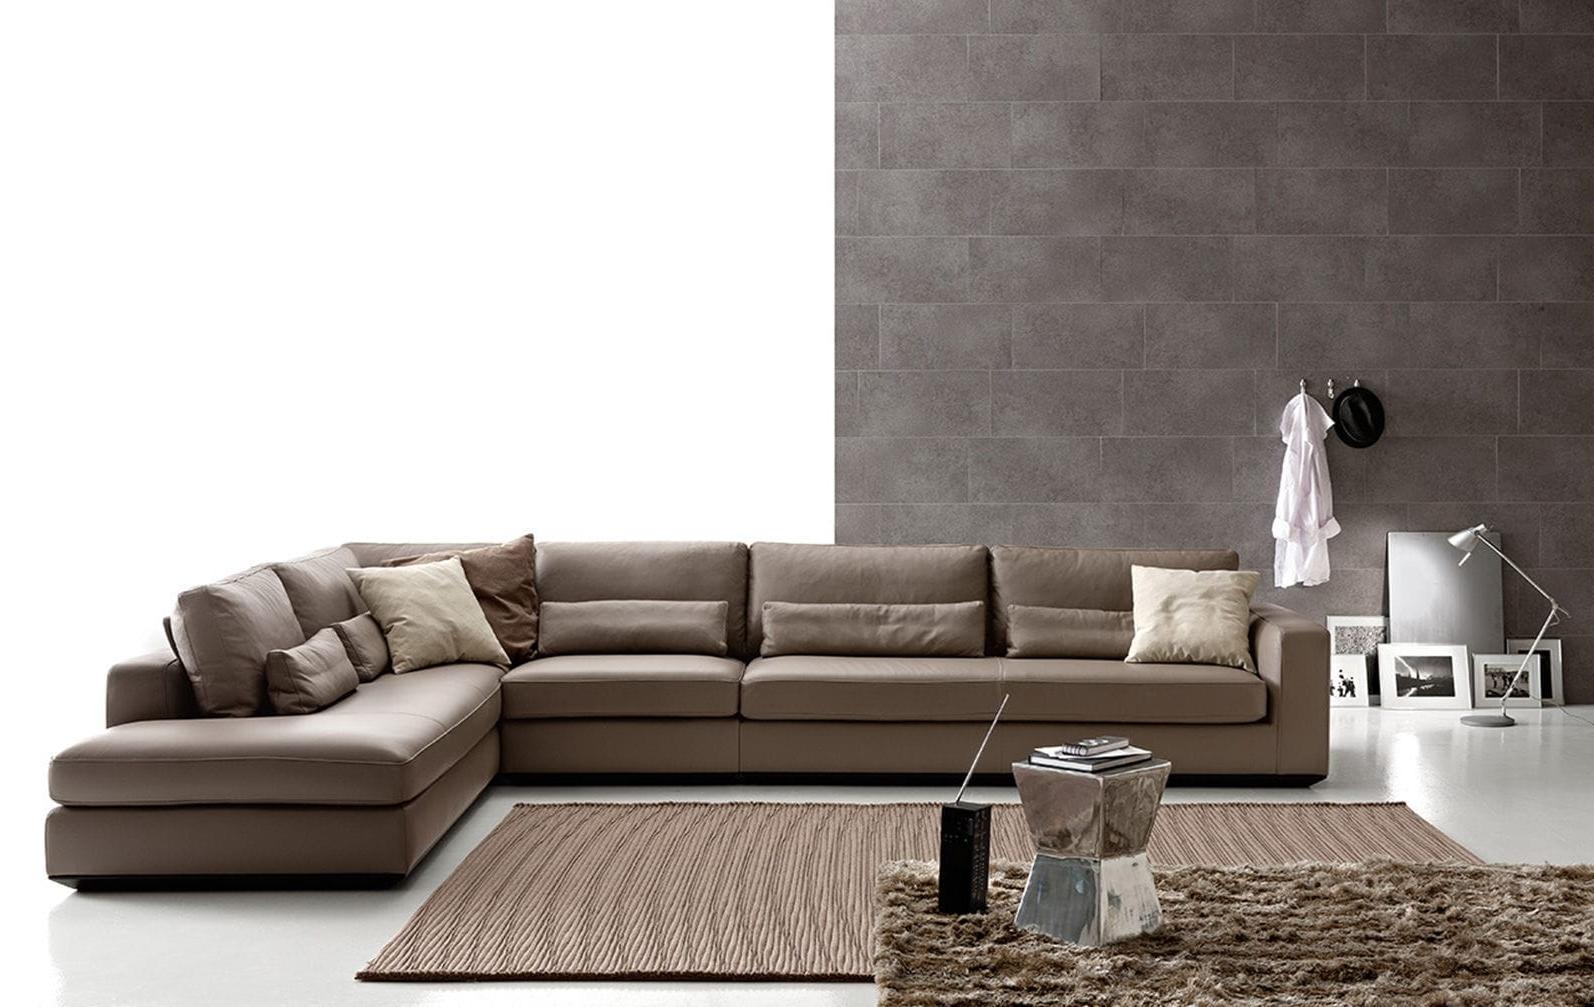 Trendy Sofa : Corner Sofa / Modular / Contemporary / Fabric Contemporary In Modular Corner Sofas (View 15 of 20)